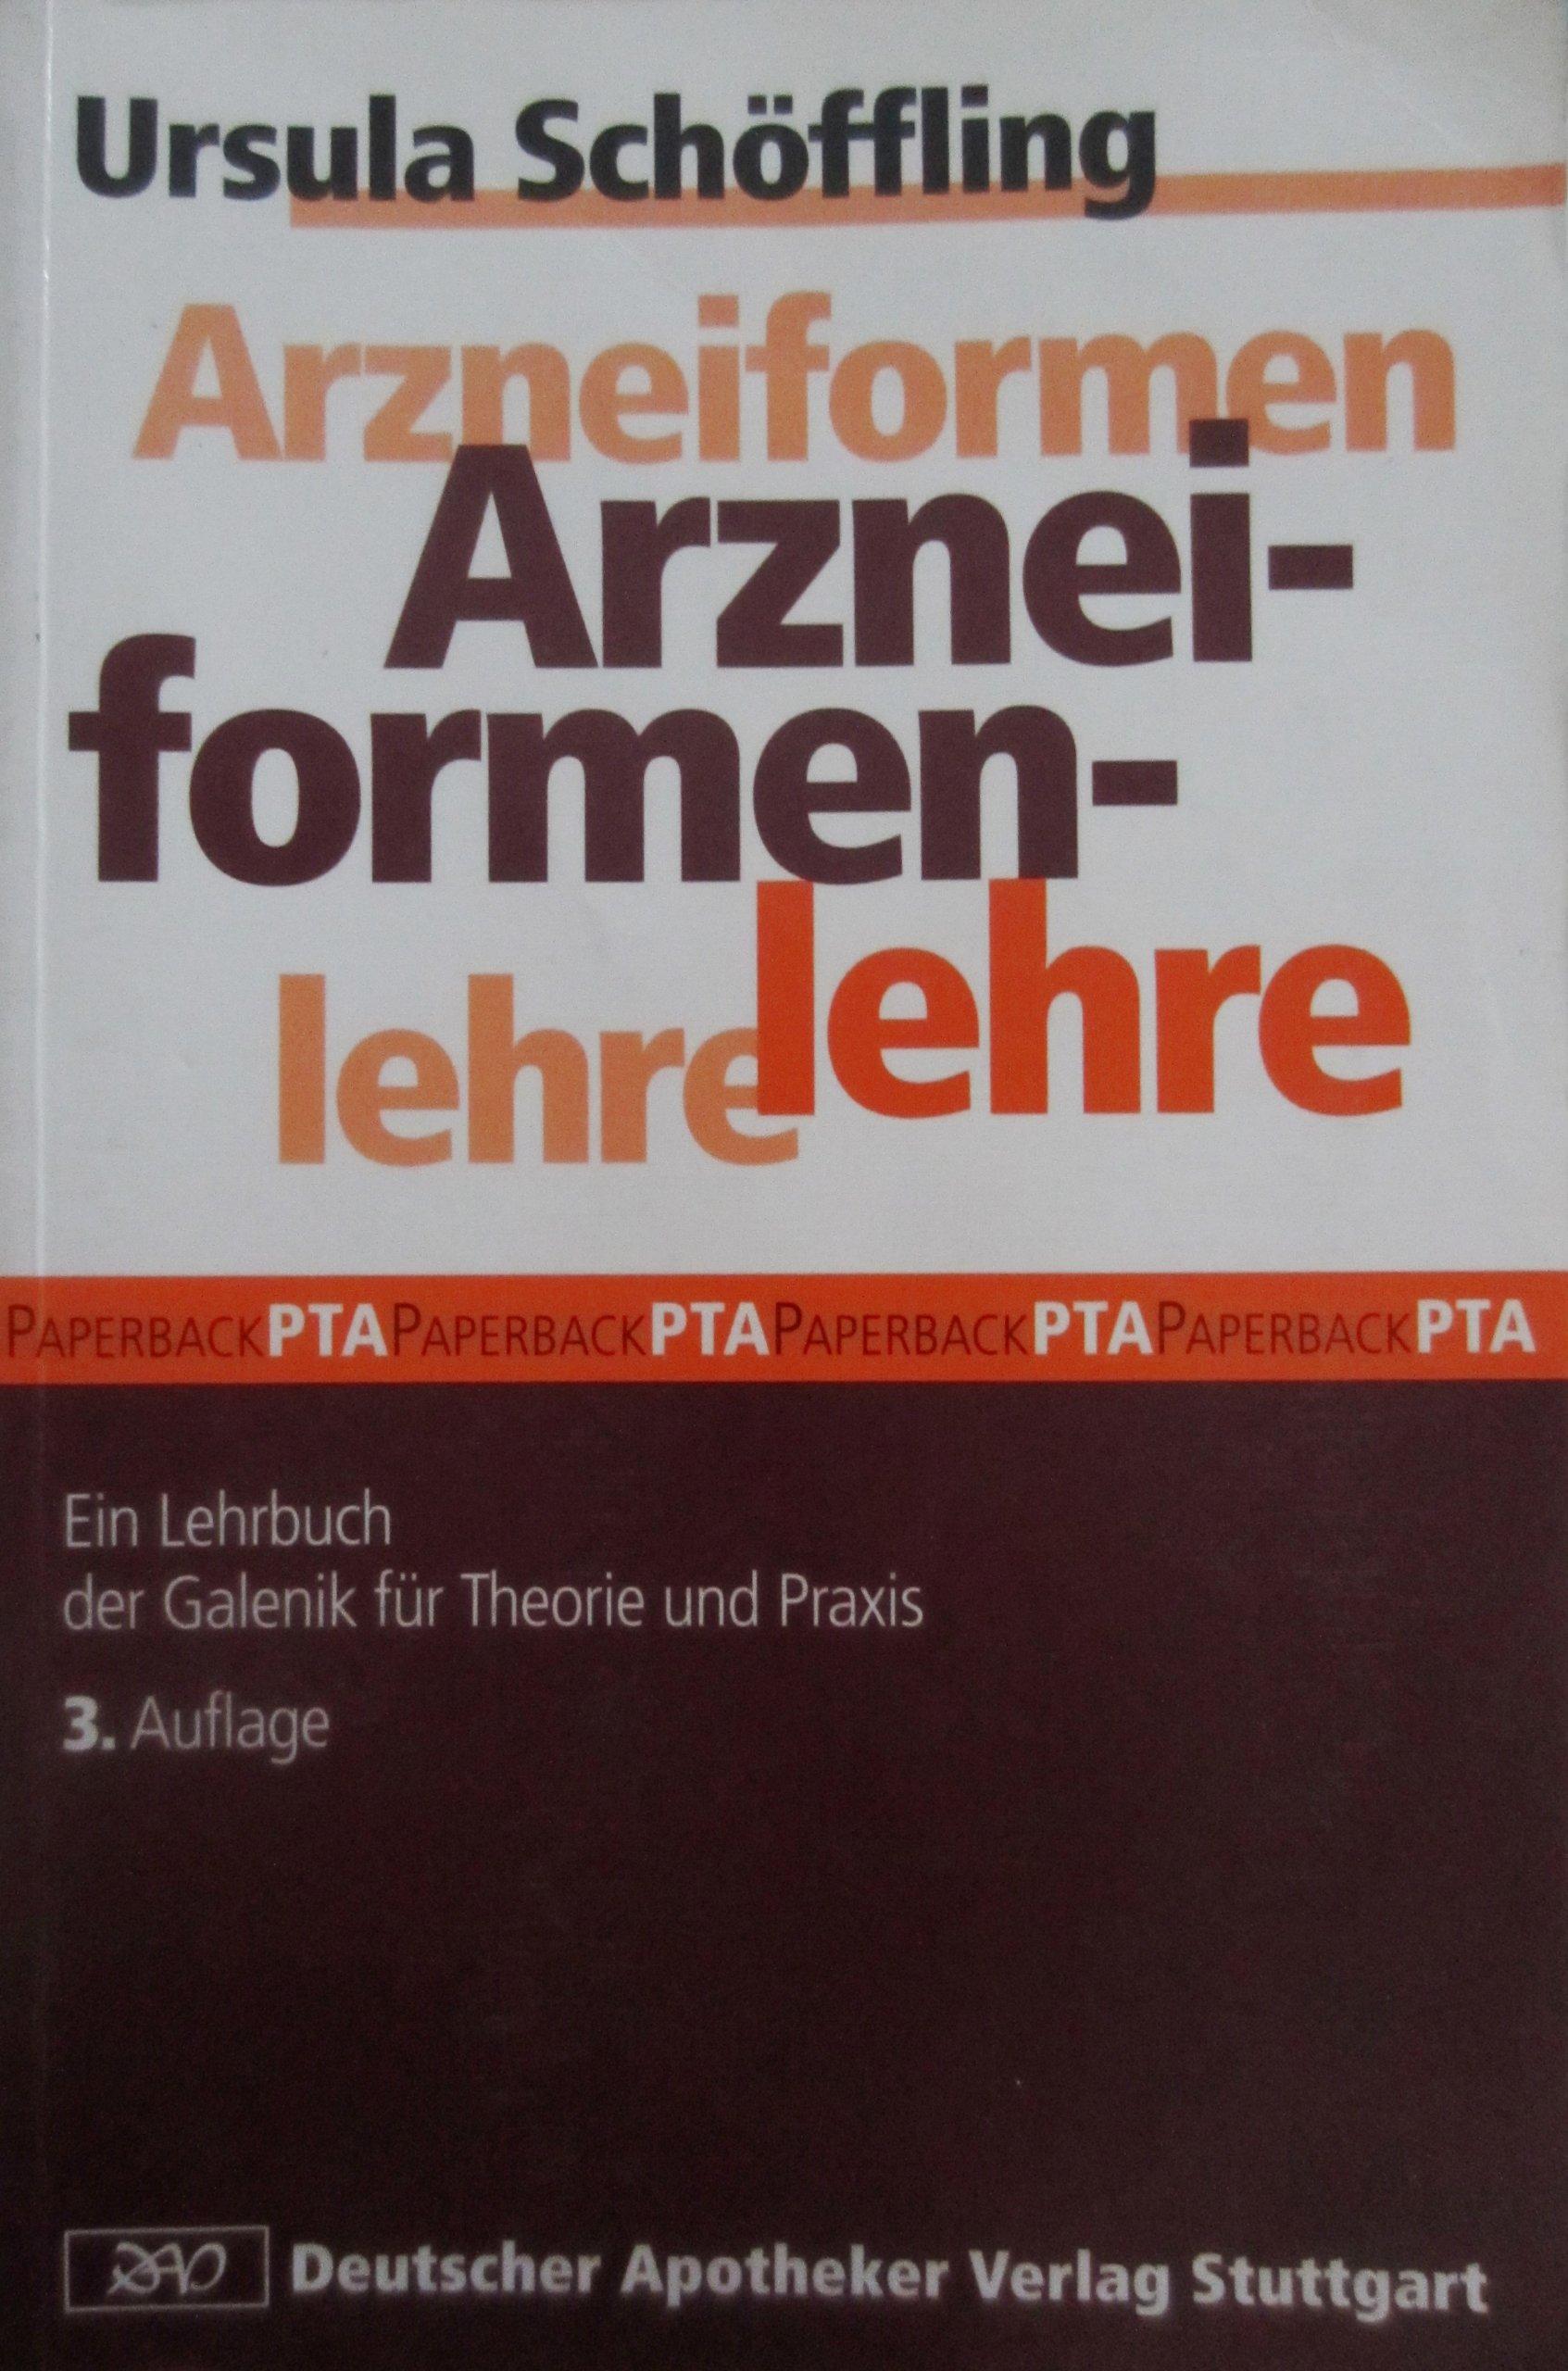 Arzneiformenlehre: Ein Lehrbuch der Galenik für Theorie und Praxis (Lernmaterialien)